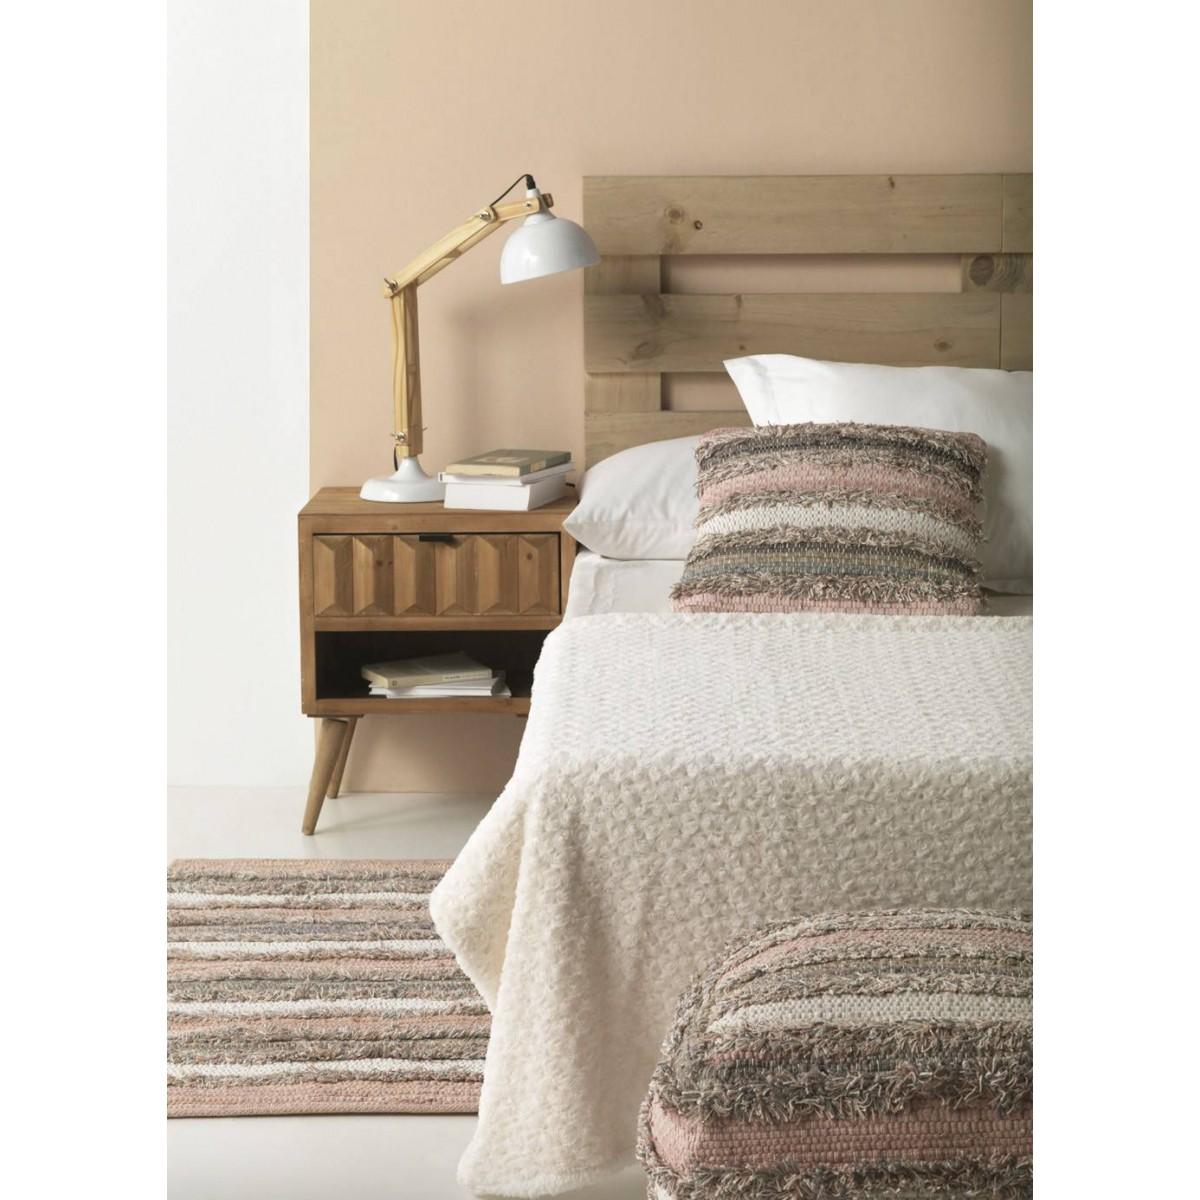 Alfombra algod n flecos multicolor pie de cama - Alfombras pie de cama ...